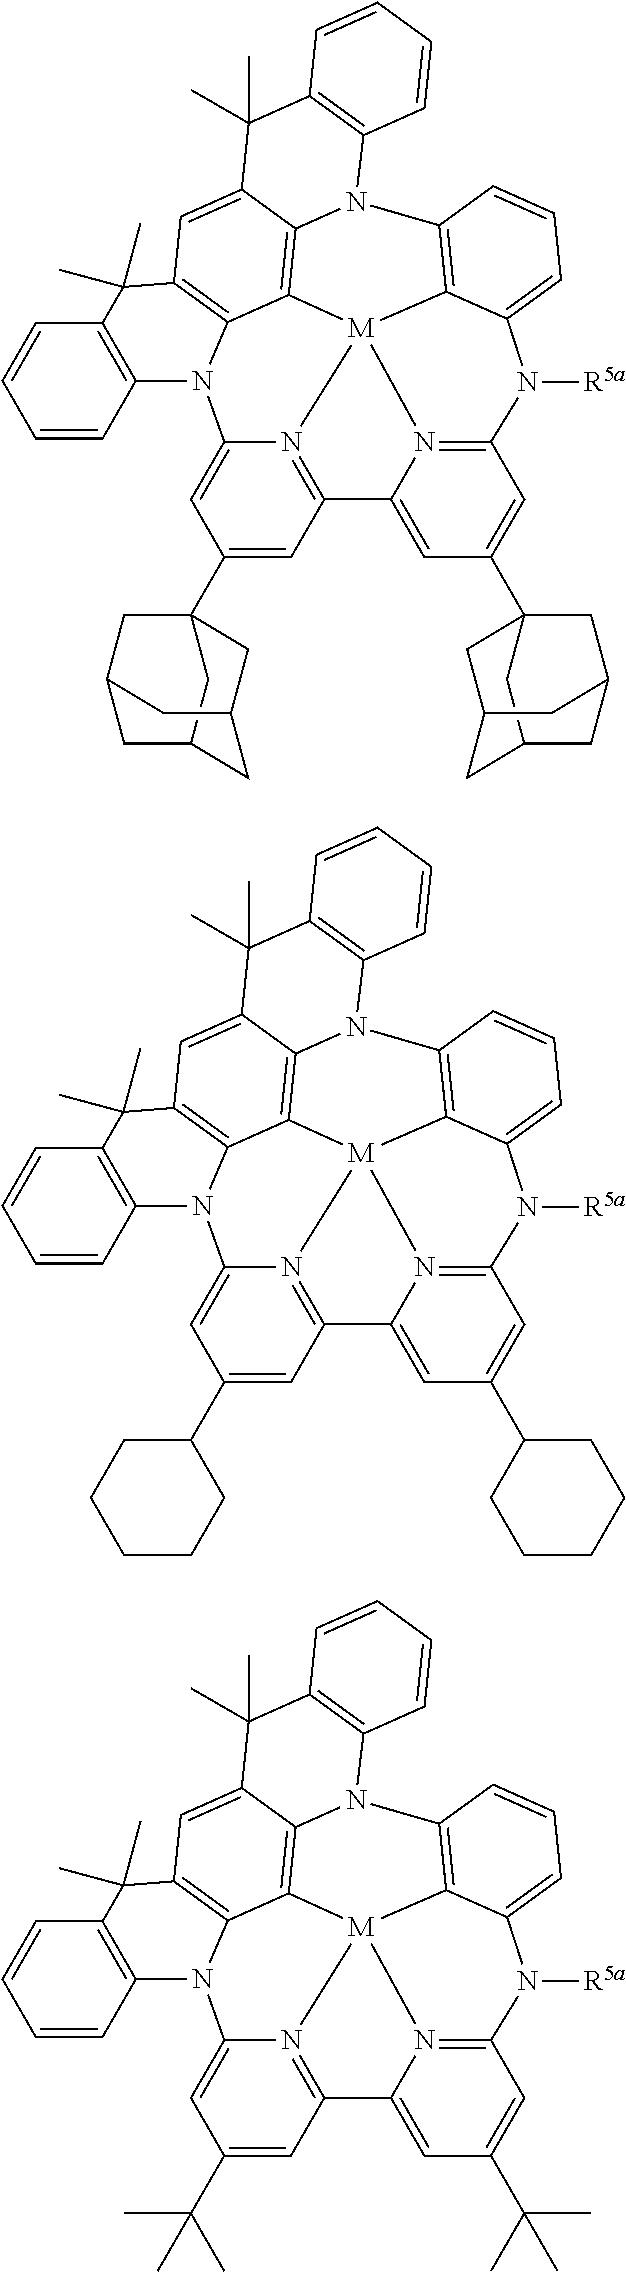 Figure US10158091-20181218-C00217